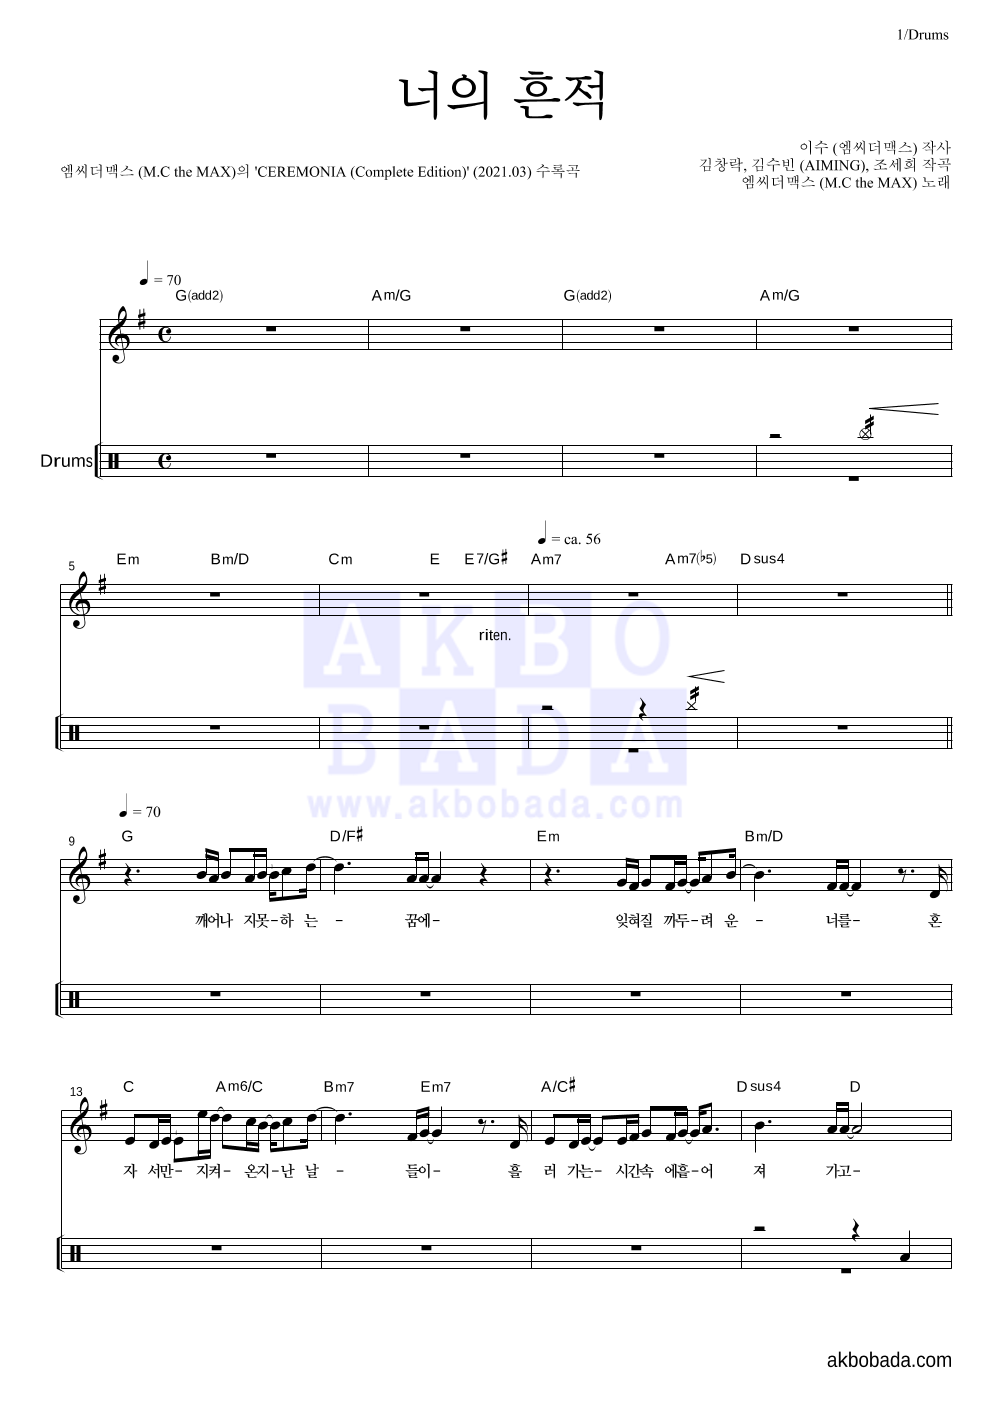 엠씨더맥스 - 너의 흔적 드럼 악보